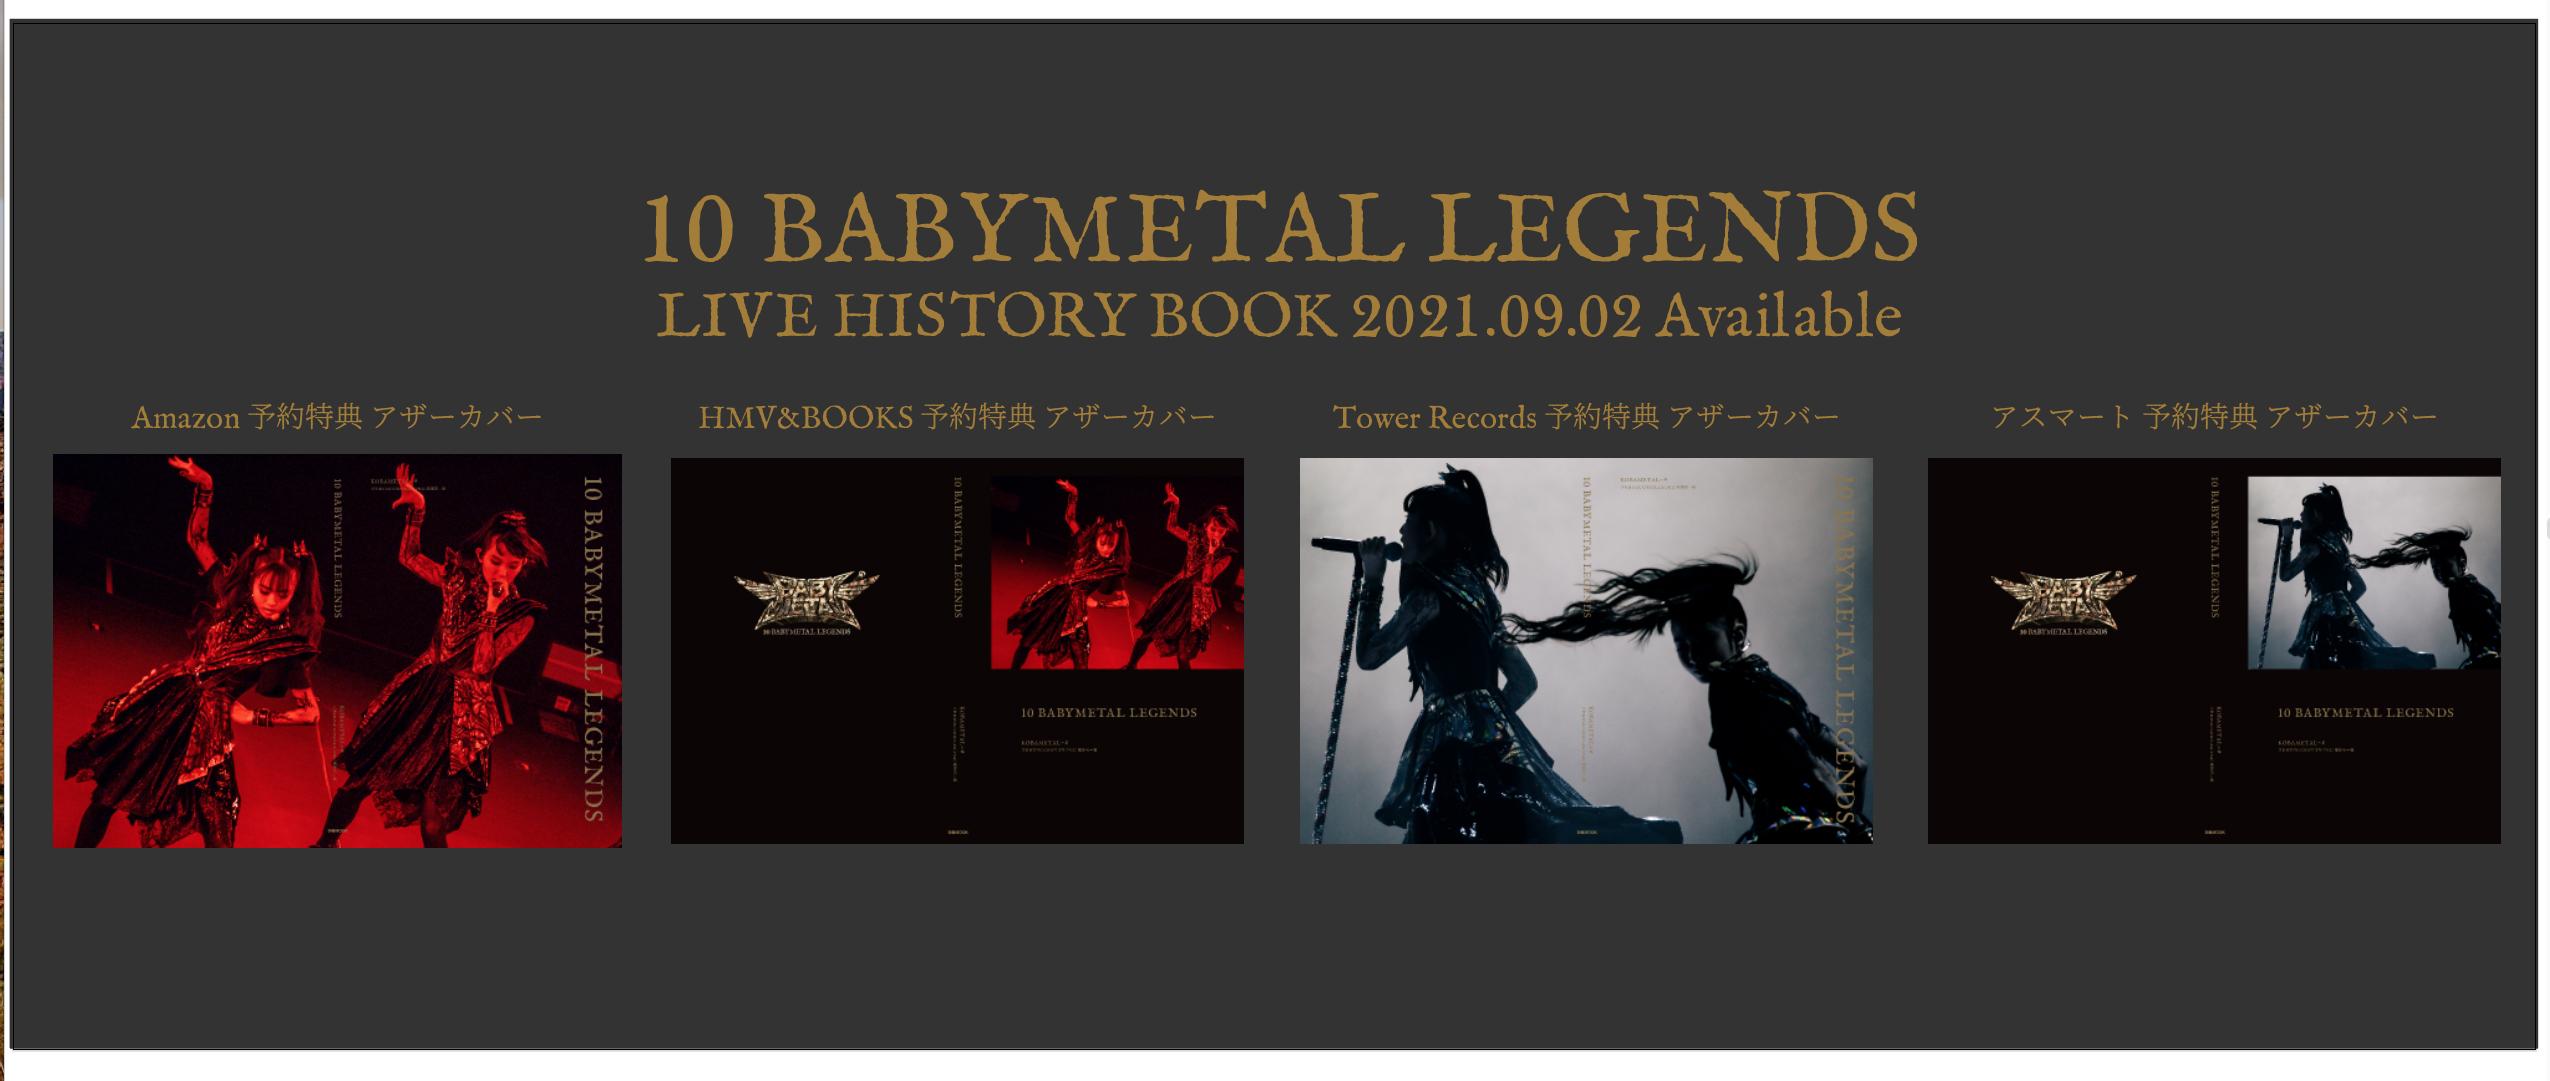 %e3%80%8c10-babymetal-legends-exhibition-%e3%80%8d4-2